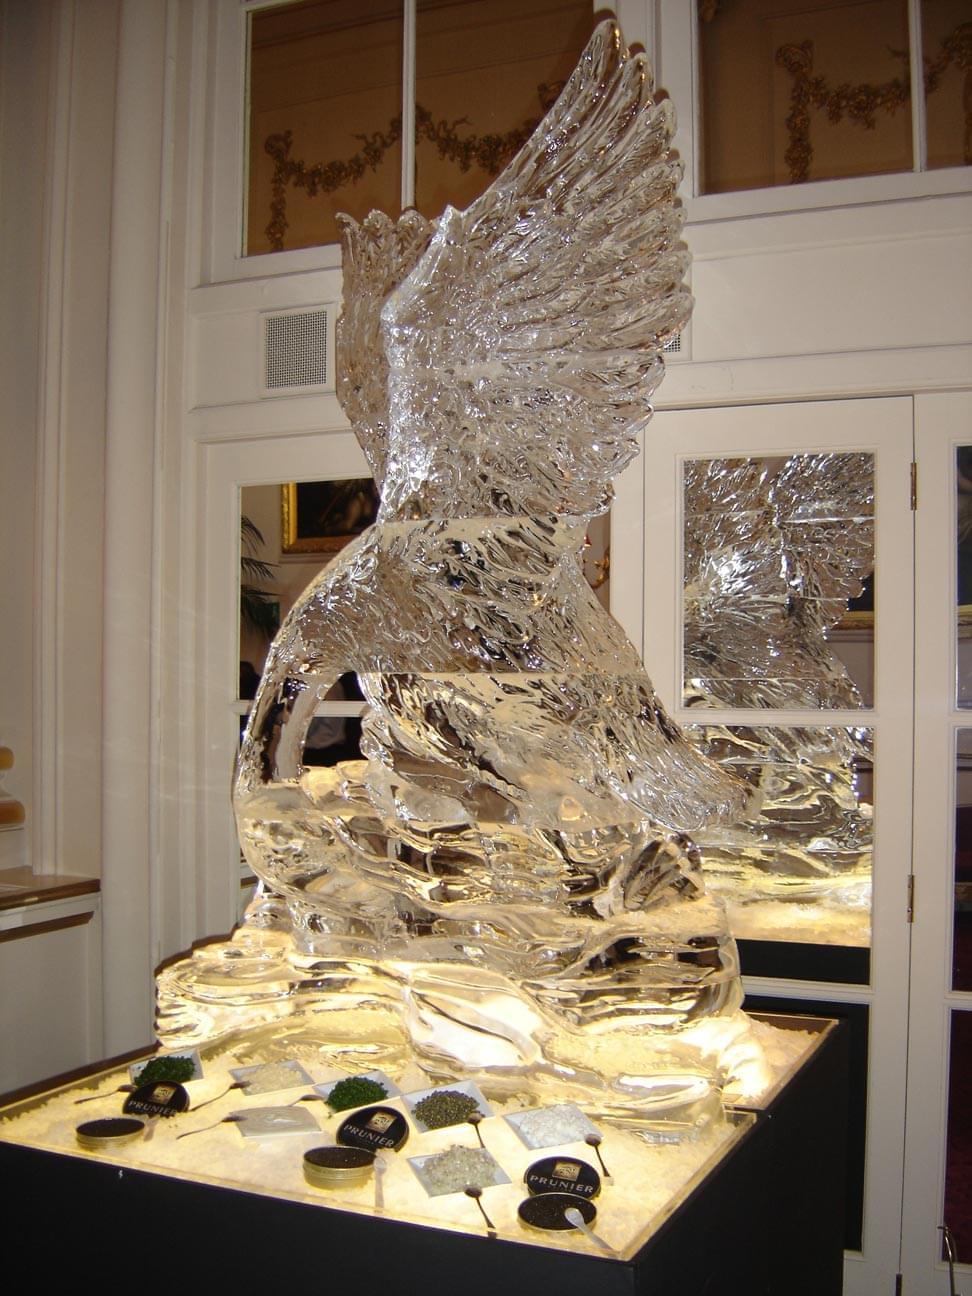 Swan, Wings, Cavier, Seafood